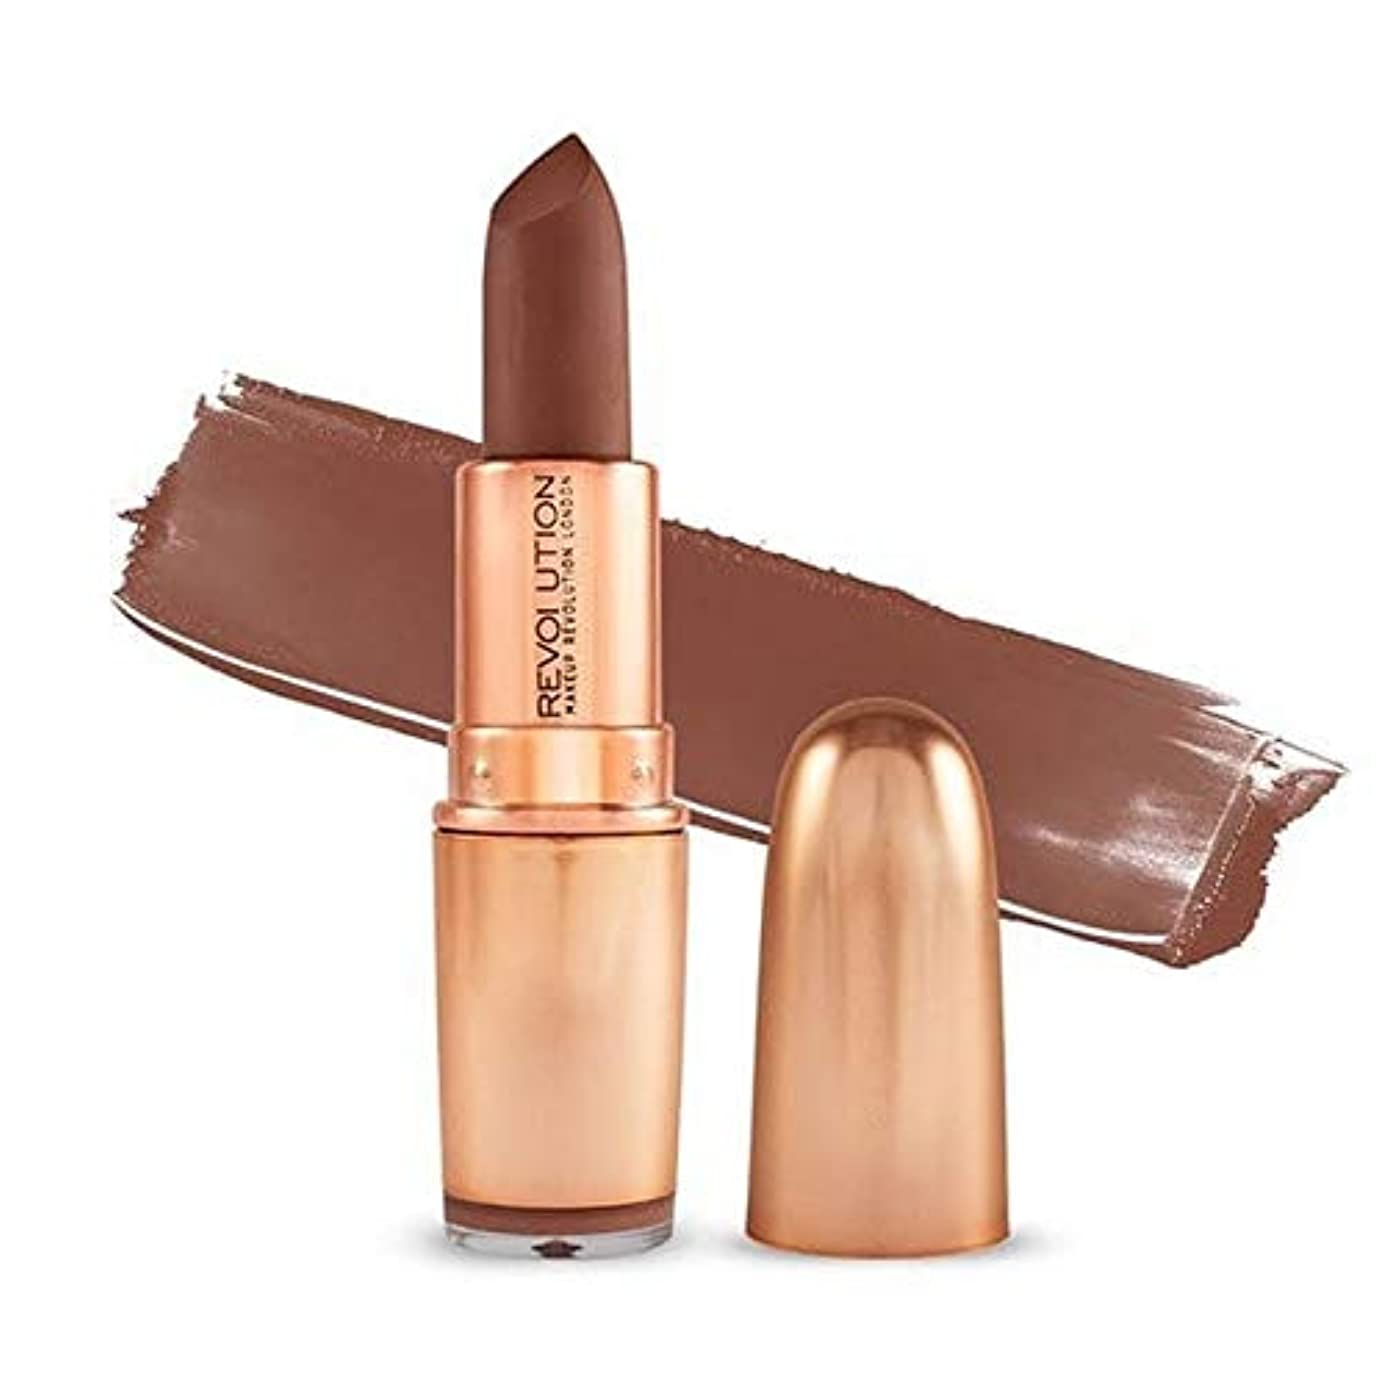 気楽な私たちのノミネート[Revolution ] 革命の象徴的なマットヌード口紅のインスピレーション - Revolution Iconic Matte Nude Lipstick Inspiration [並行輸入品]